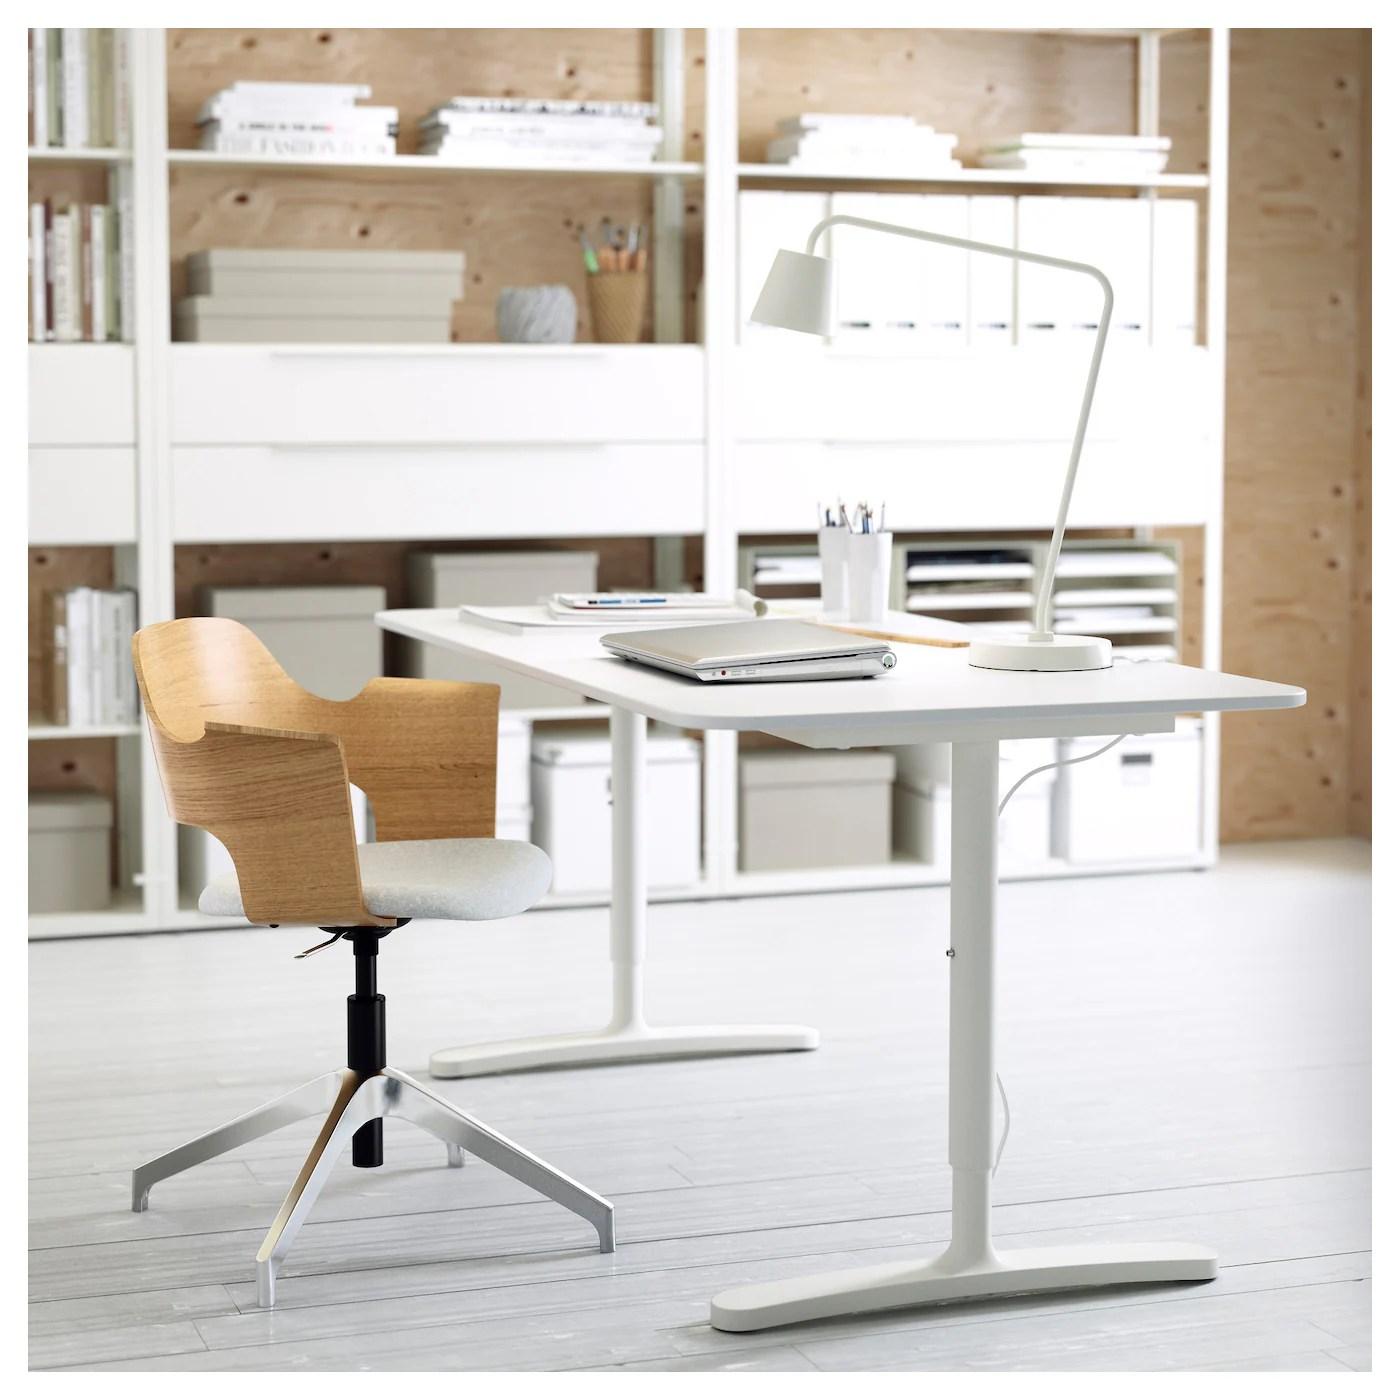 white desk chair ikea stool legs bekant 160 x 80 cm